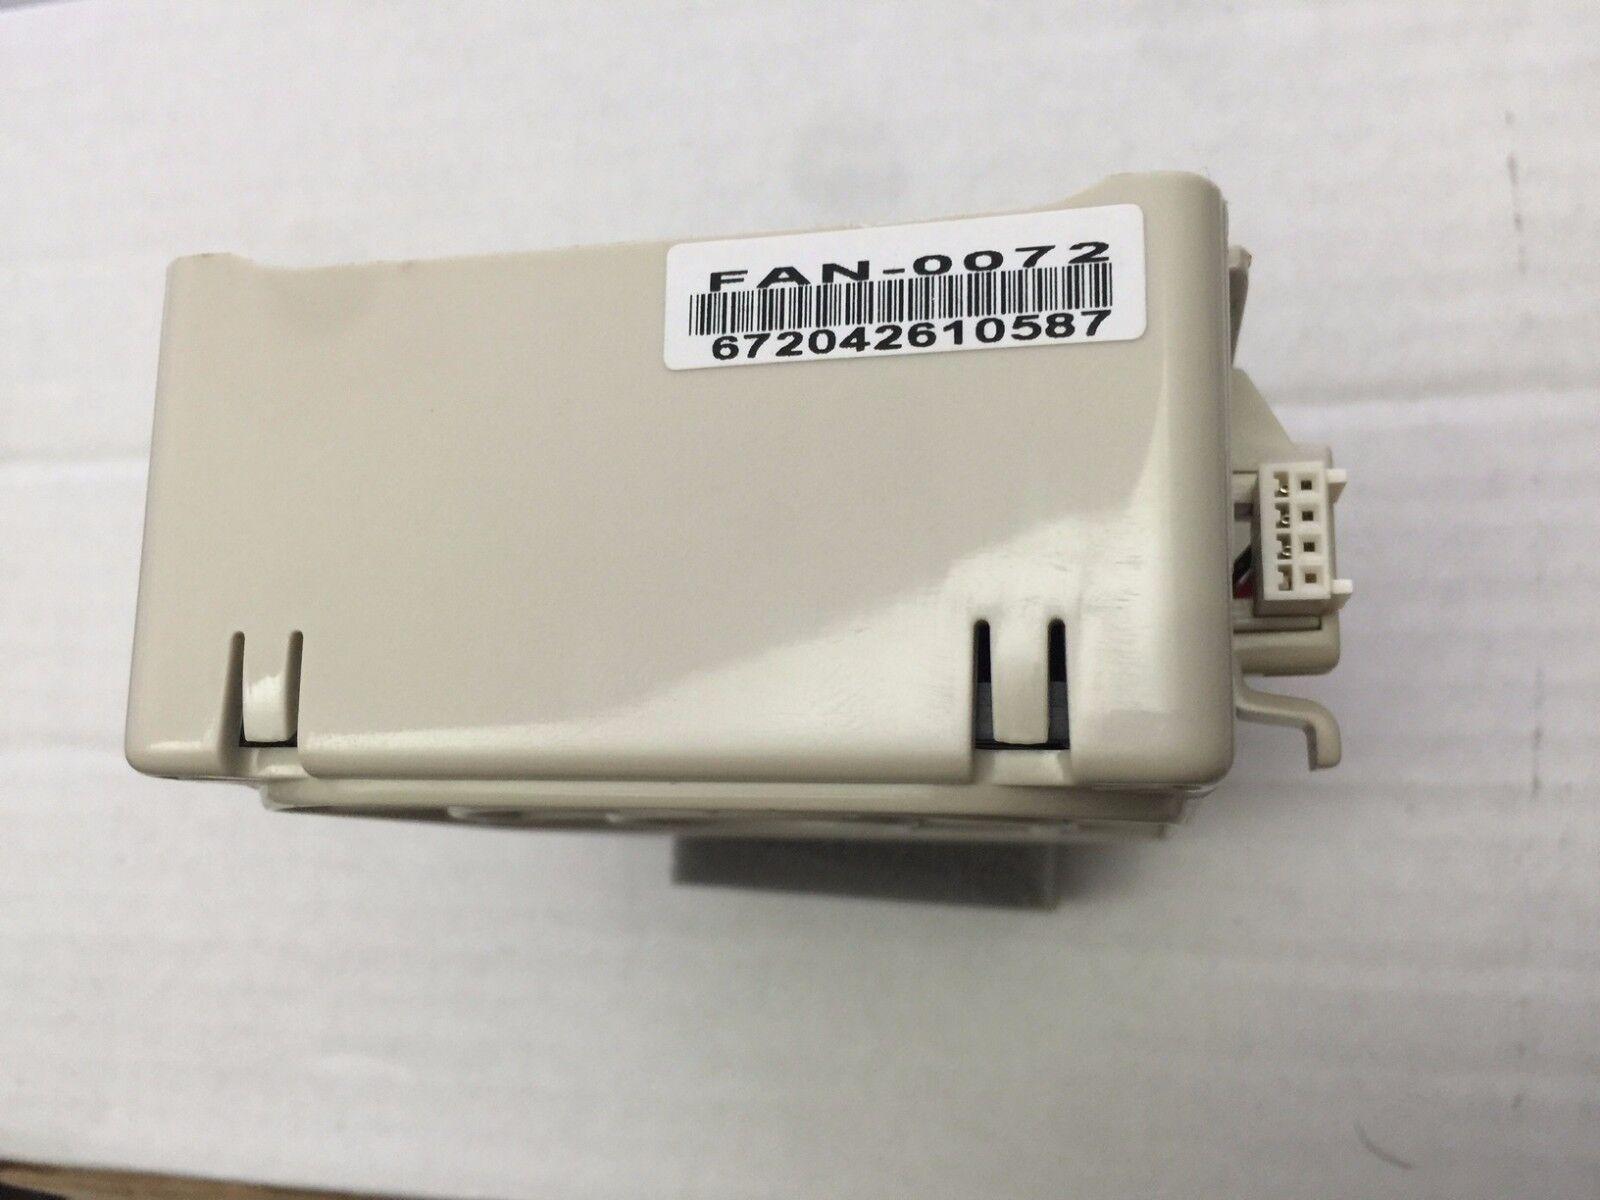 *•✿•*NEW*•✿•* SuperMicro FAN-0072 FAN-0072L 5000 RPM Hot-swappable Cooling Fan